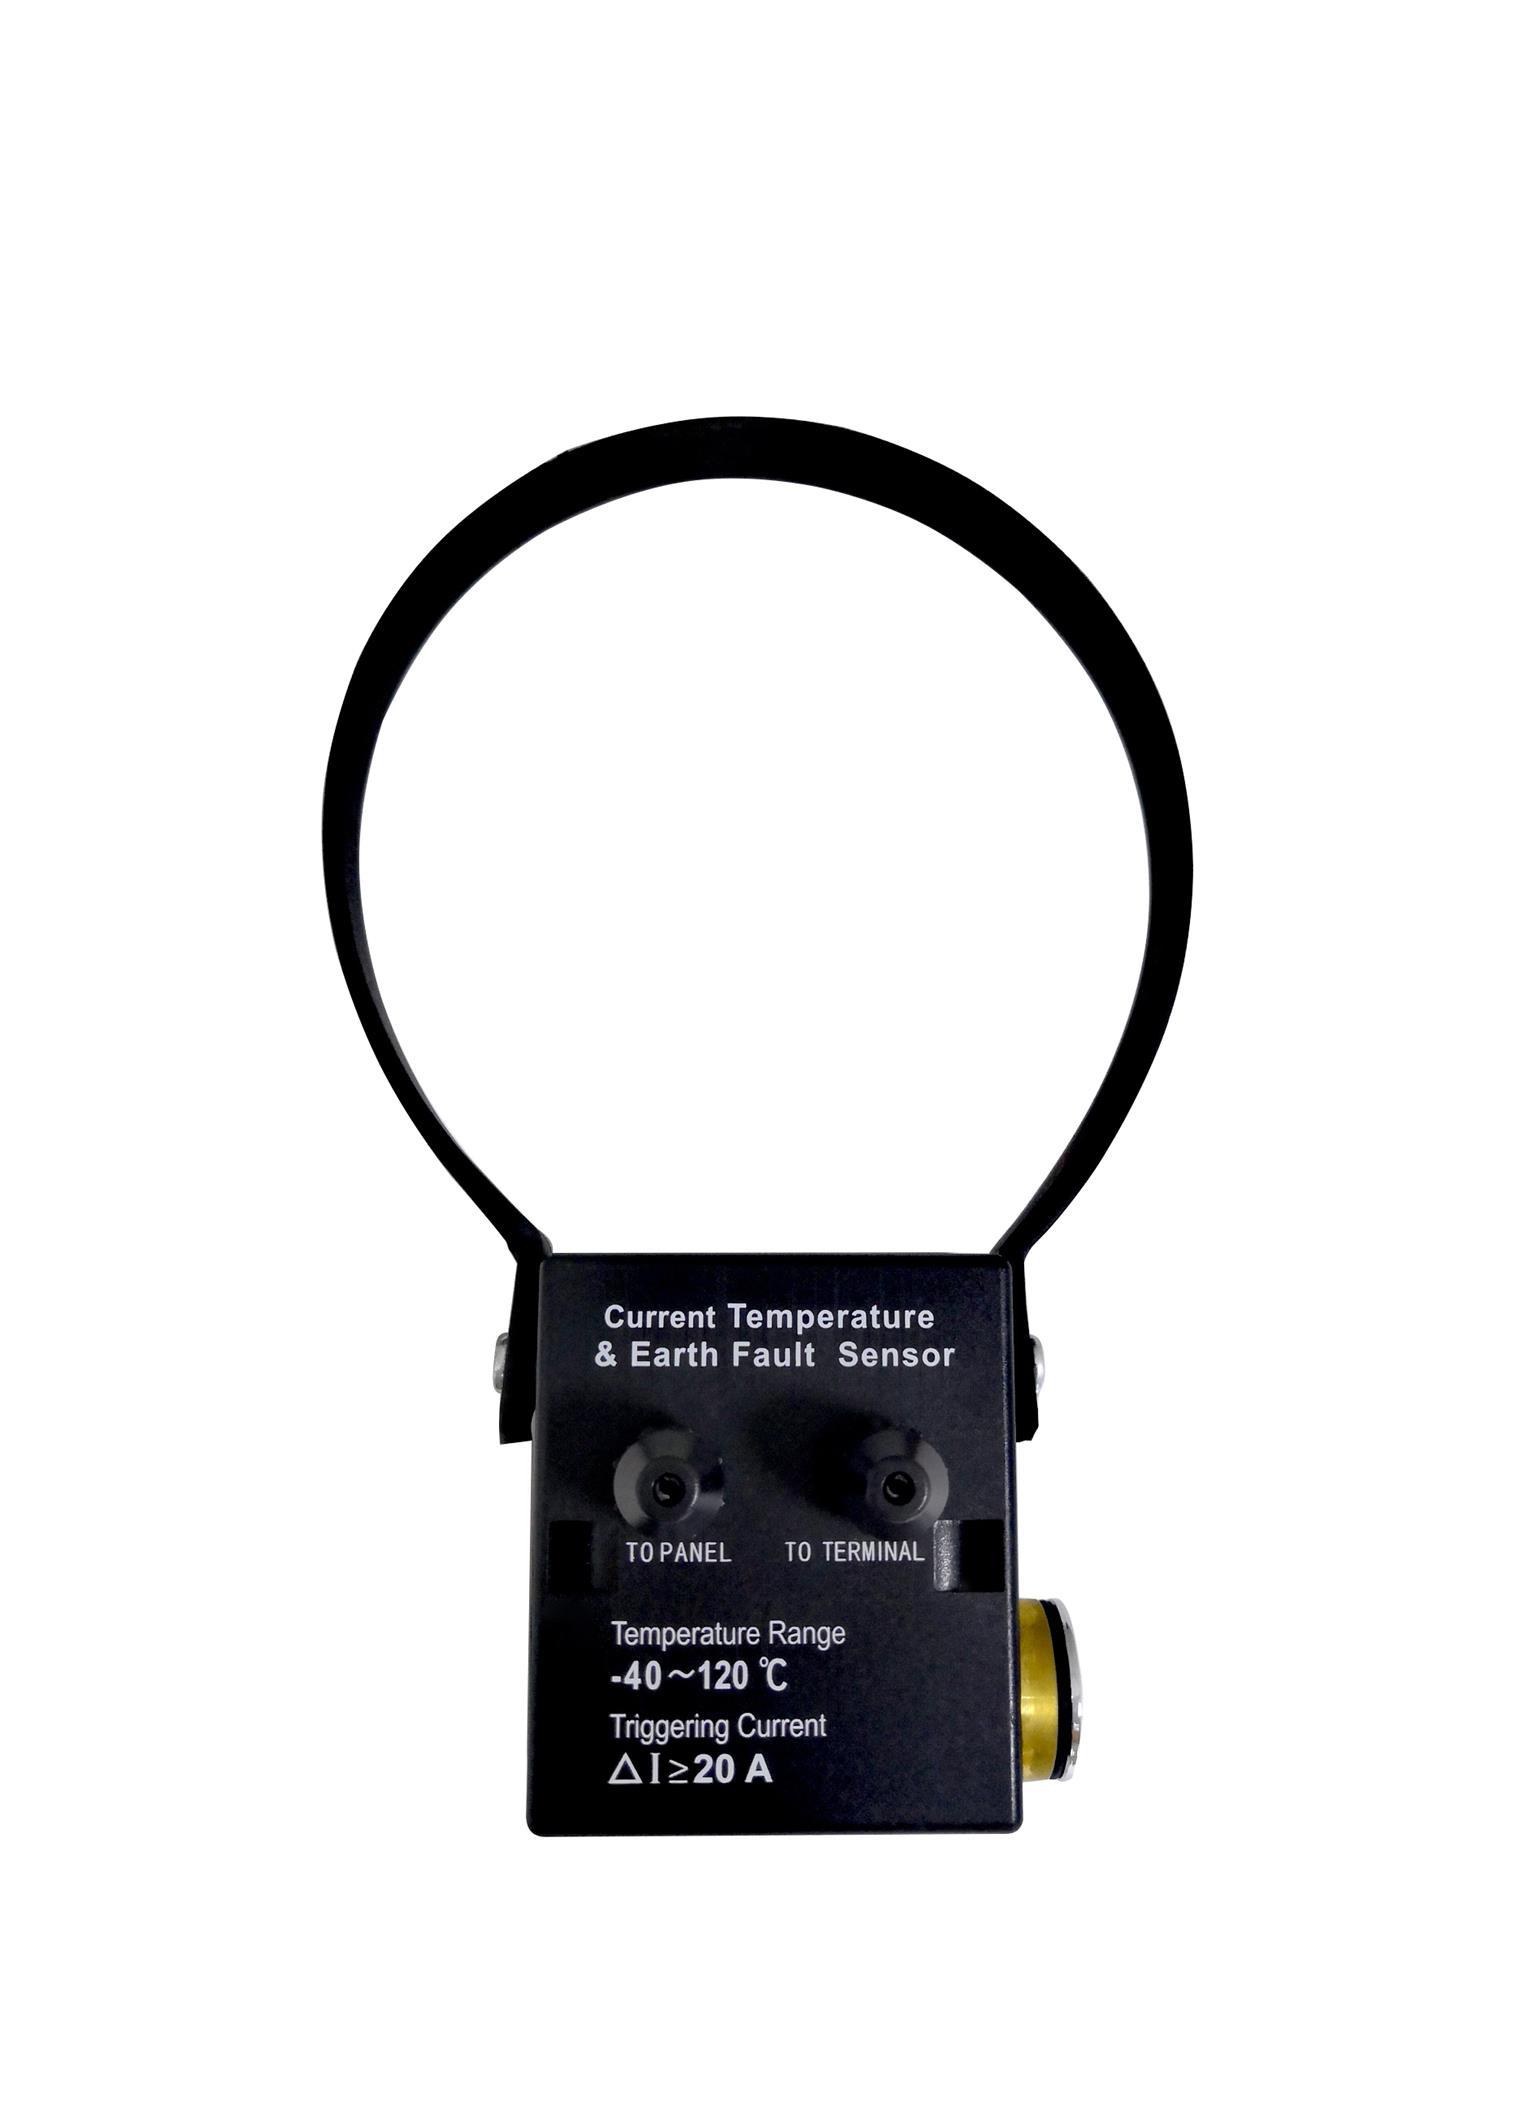 斯諾瓦科技出售的環網柜內故障定位器怎么樣,廠家供應故障在線檢測儀表